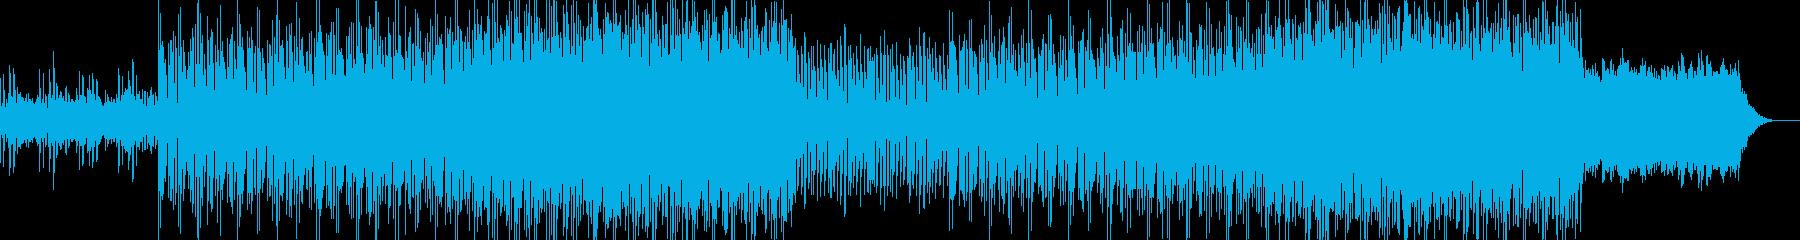 未来的なエレクトロニカ風BGMの再生済みの波形